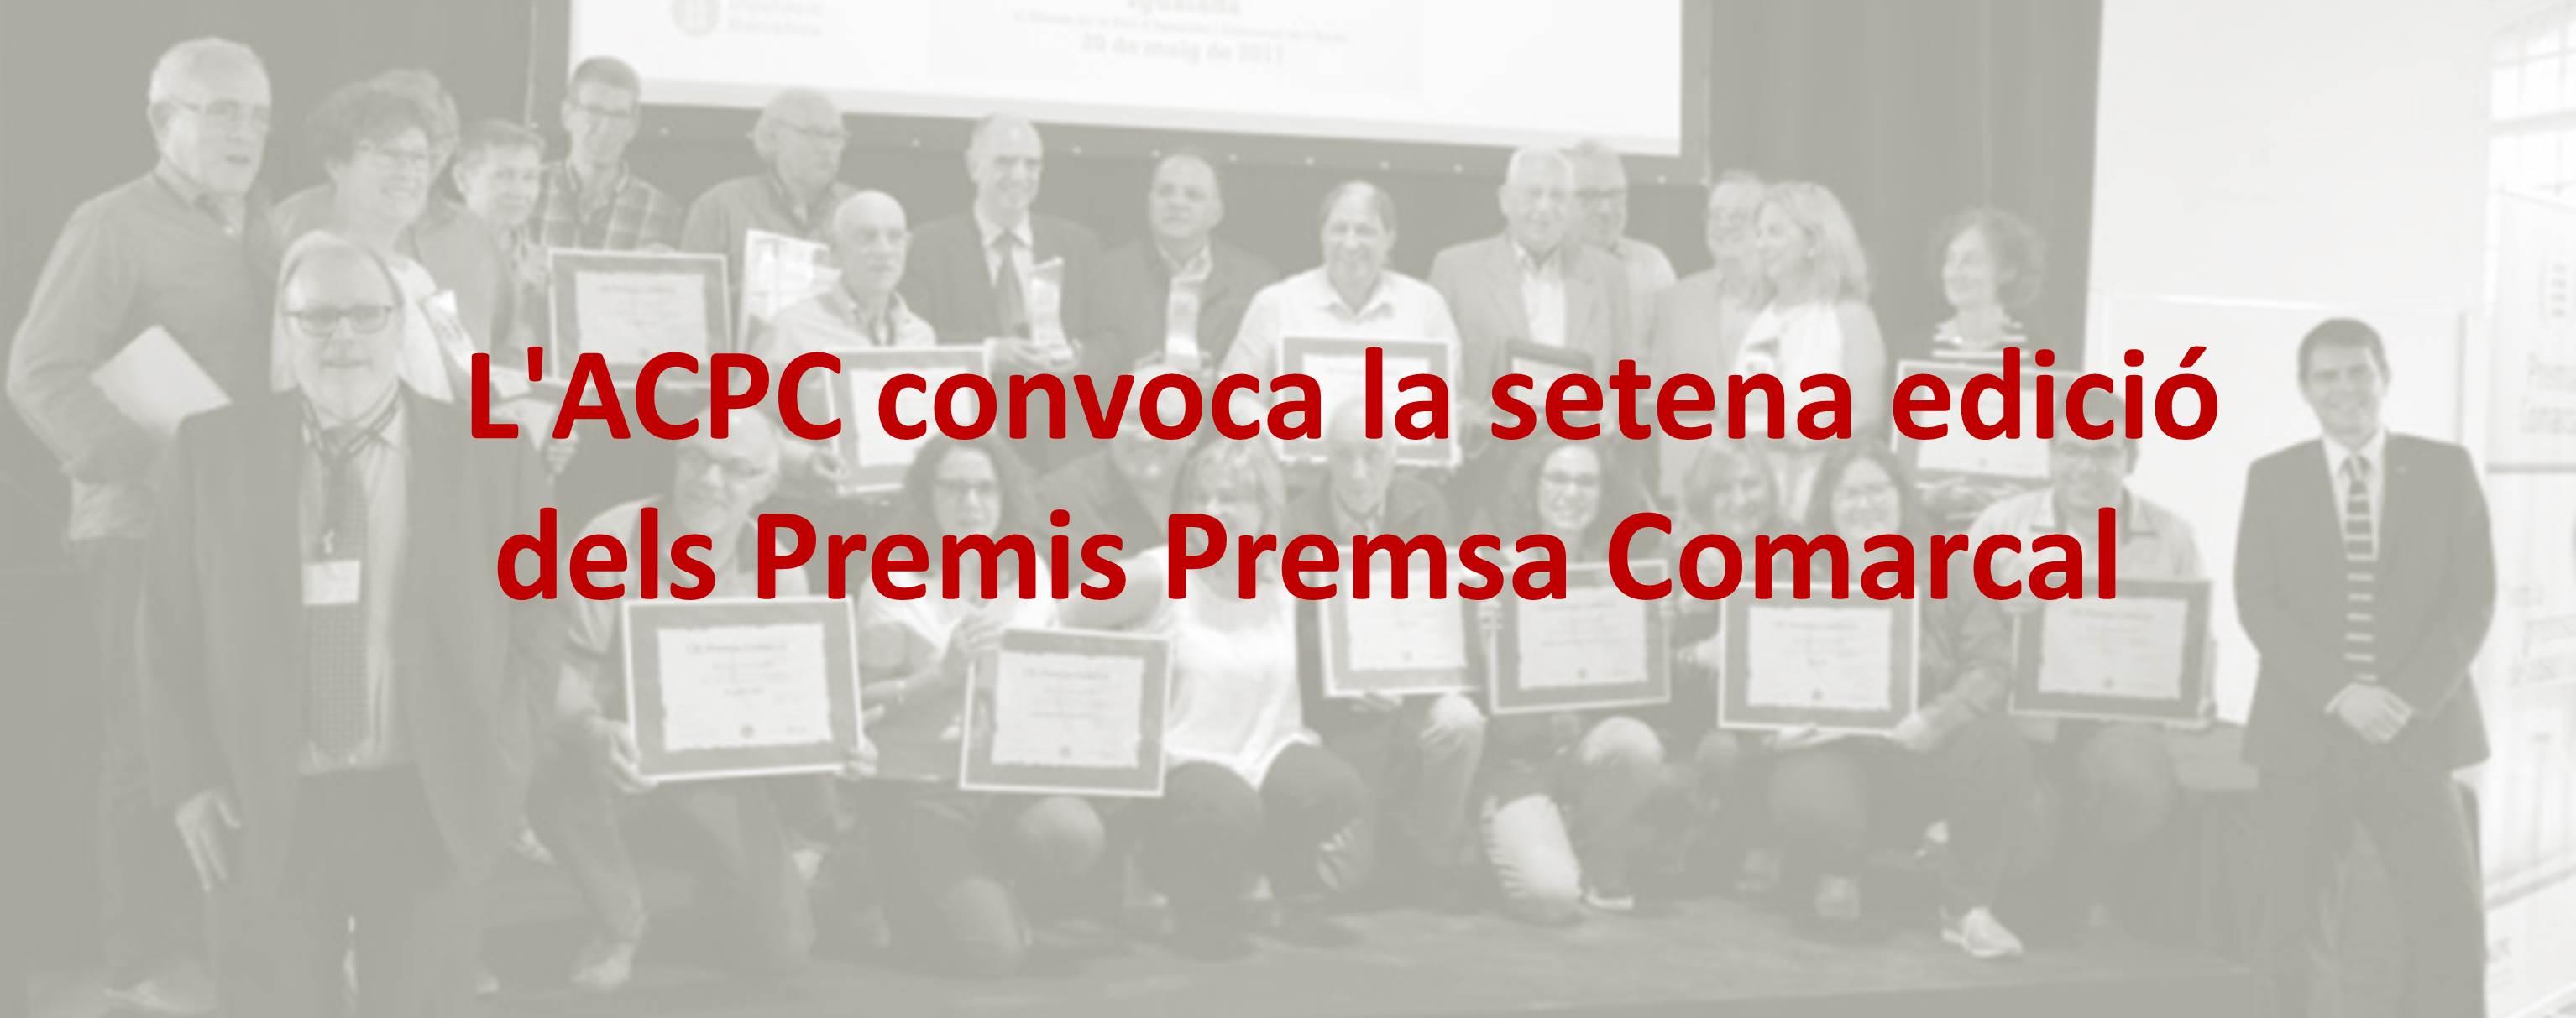 L'ACPC convoca la setena edició dels Premis Premsa Comarcal